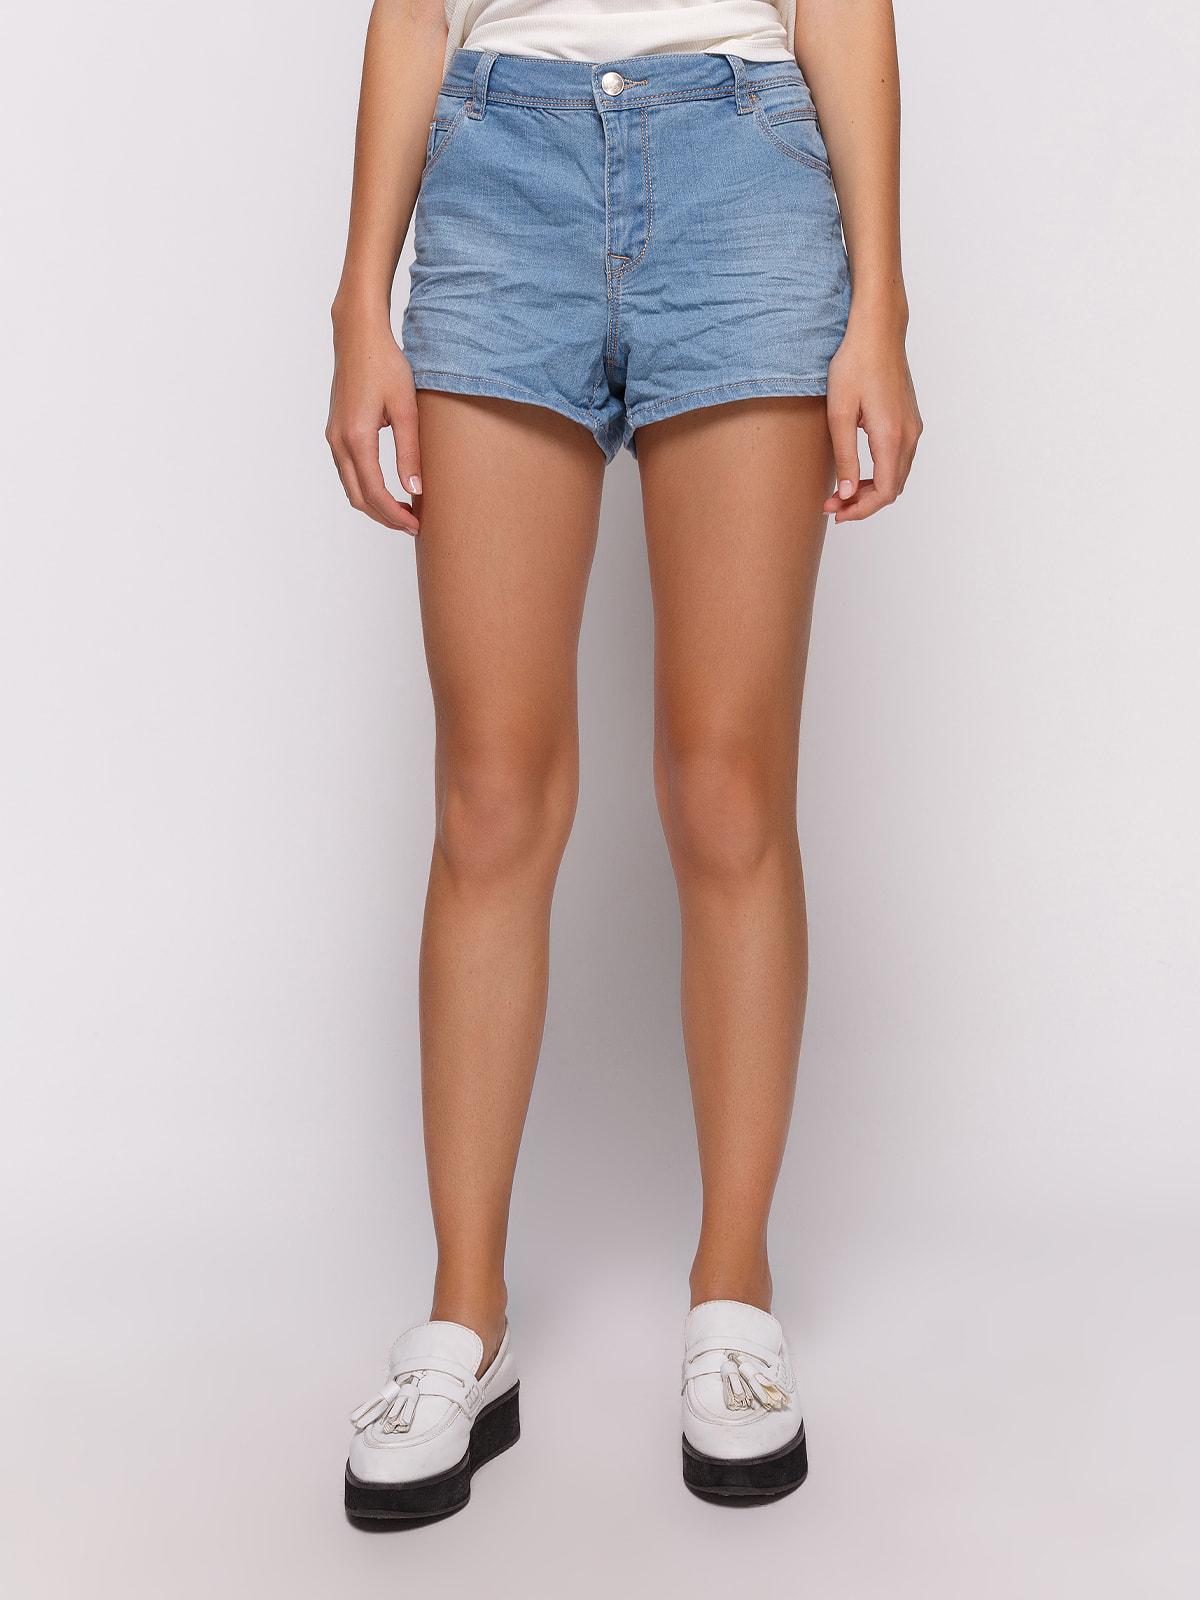 Шорты голубые джинсовые | 4627330